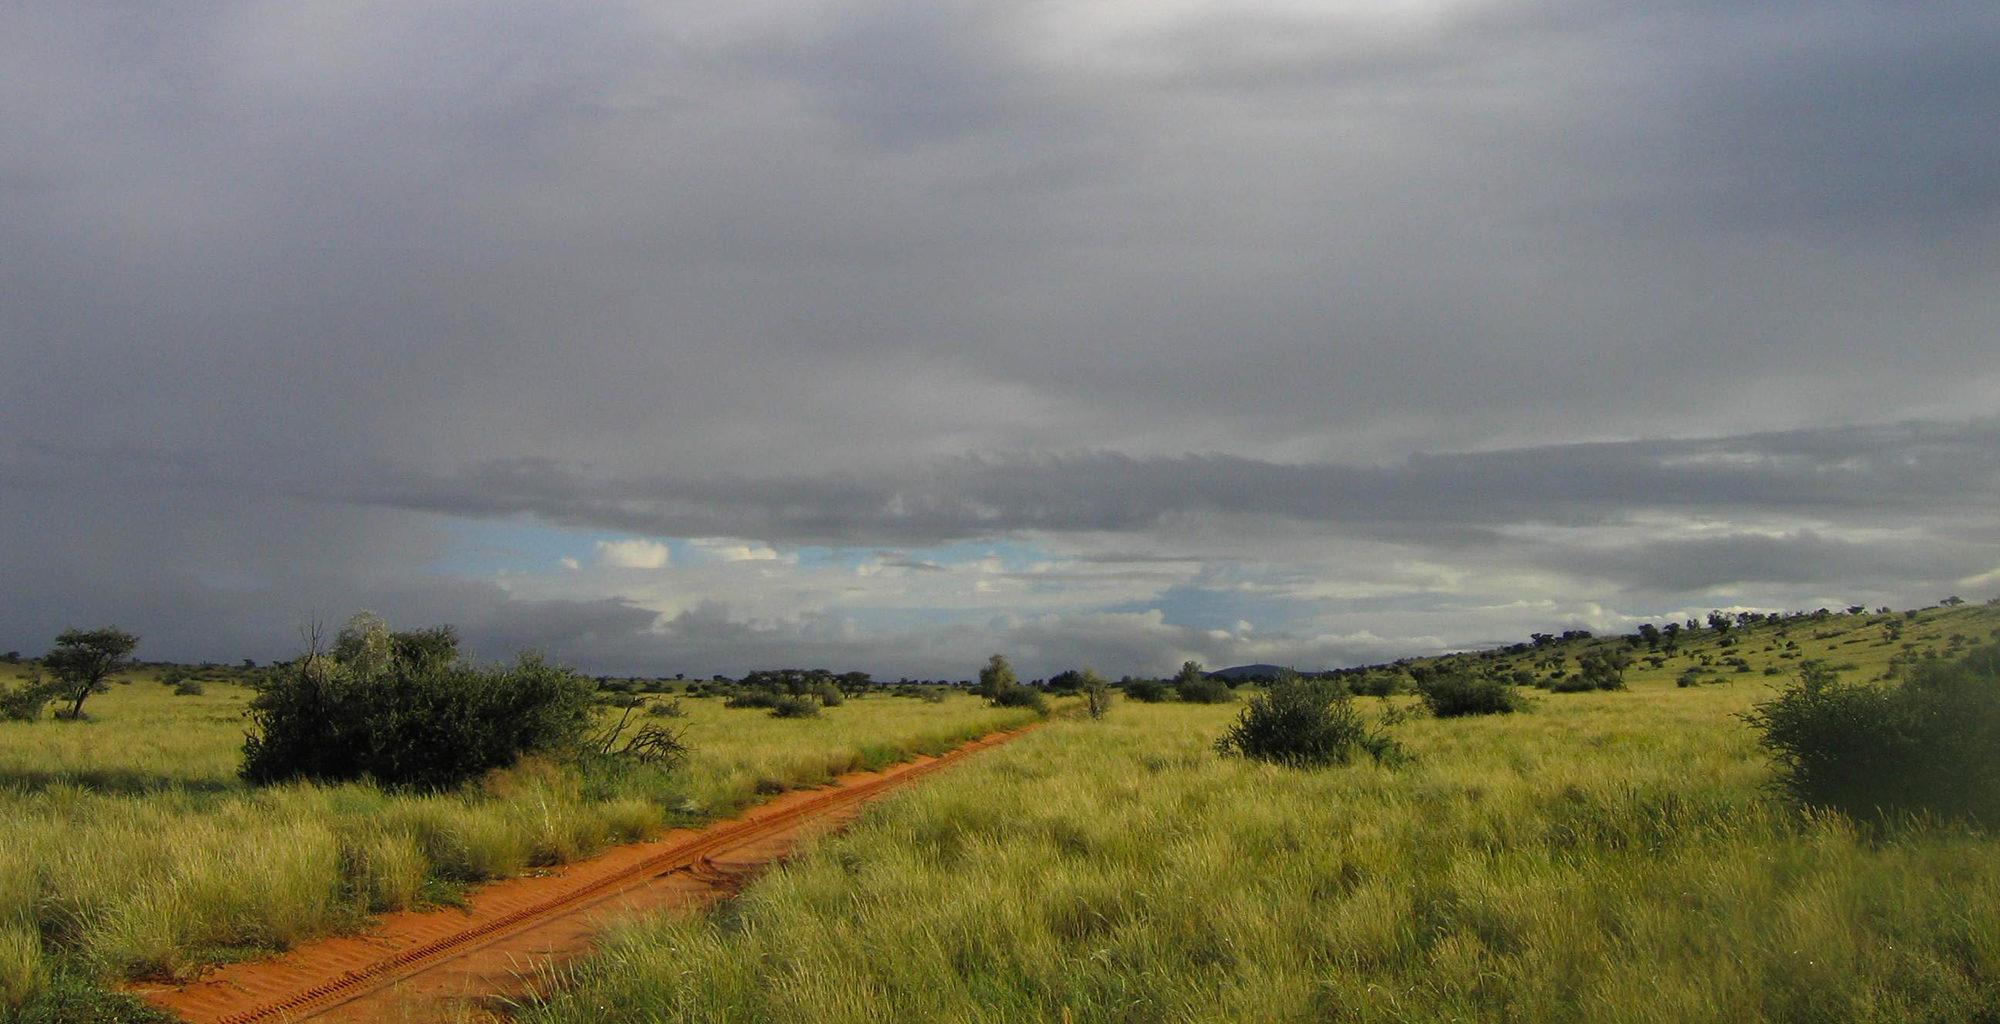 South-Africa-Kalahari-Dirt-Road